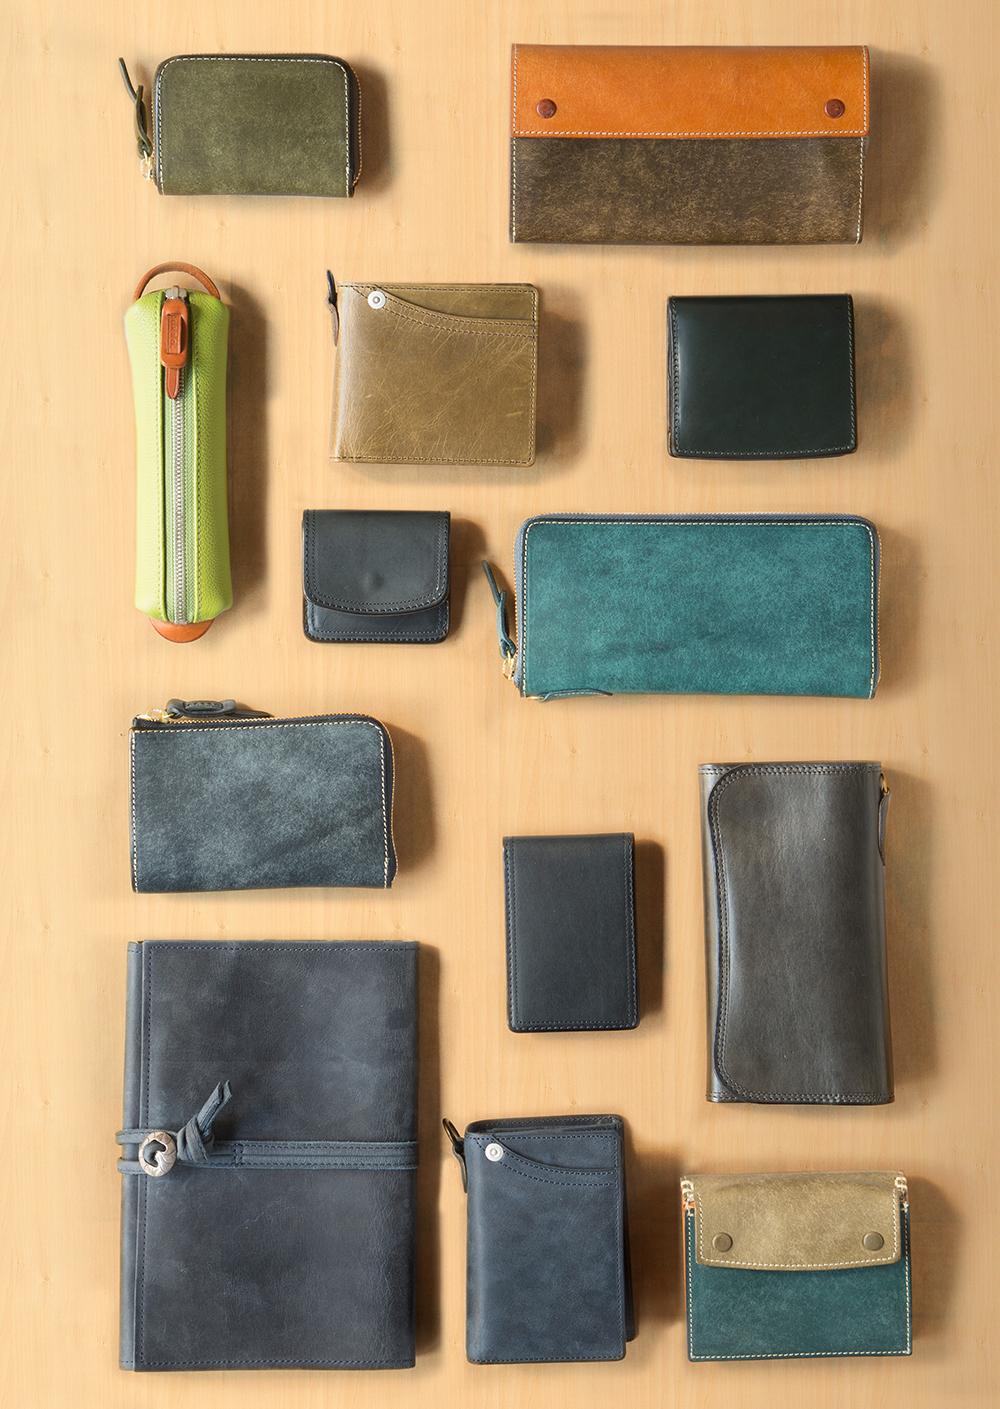 d00ceae9c483 CORBO.直営通販|革財布 レザーバッグ 日本の職人が作り10年以上と育つ